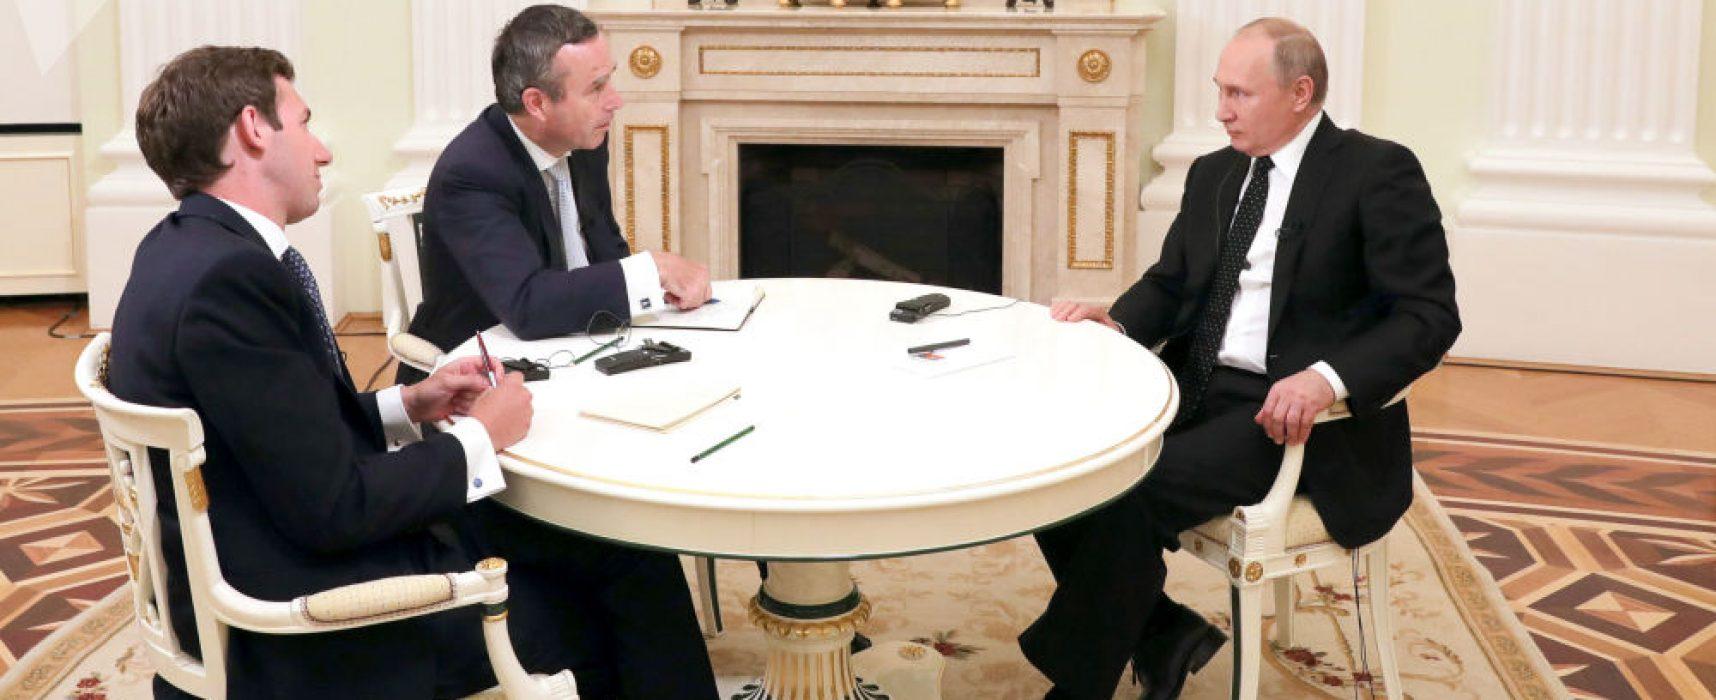 «Диавол есть отец лжи». 5 примеров того, как Путин обманул Financial Times